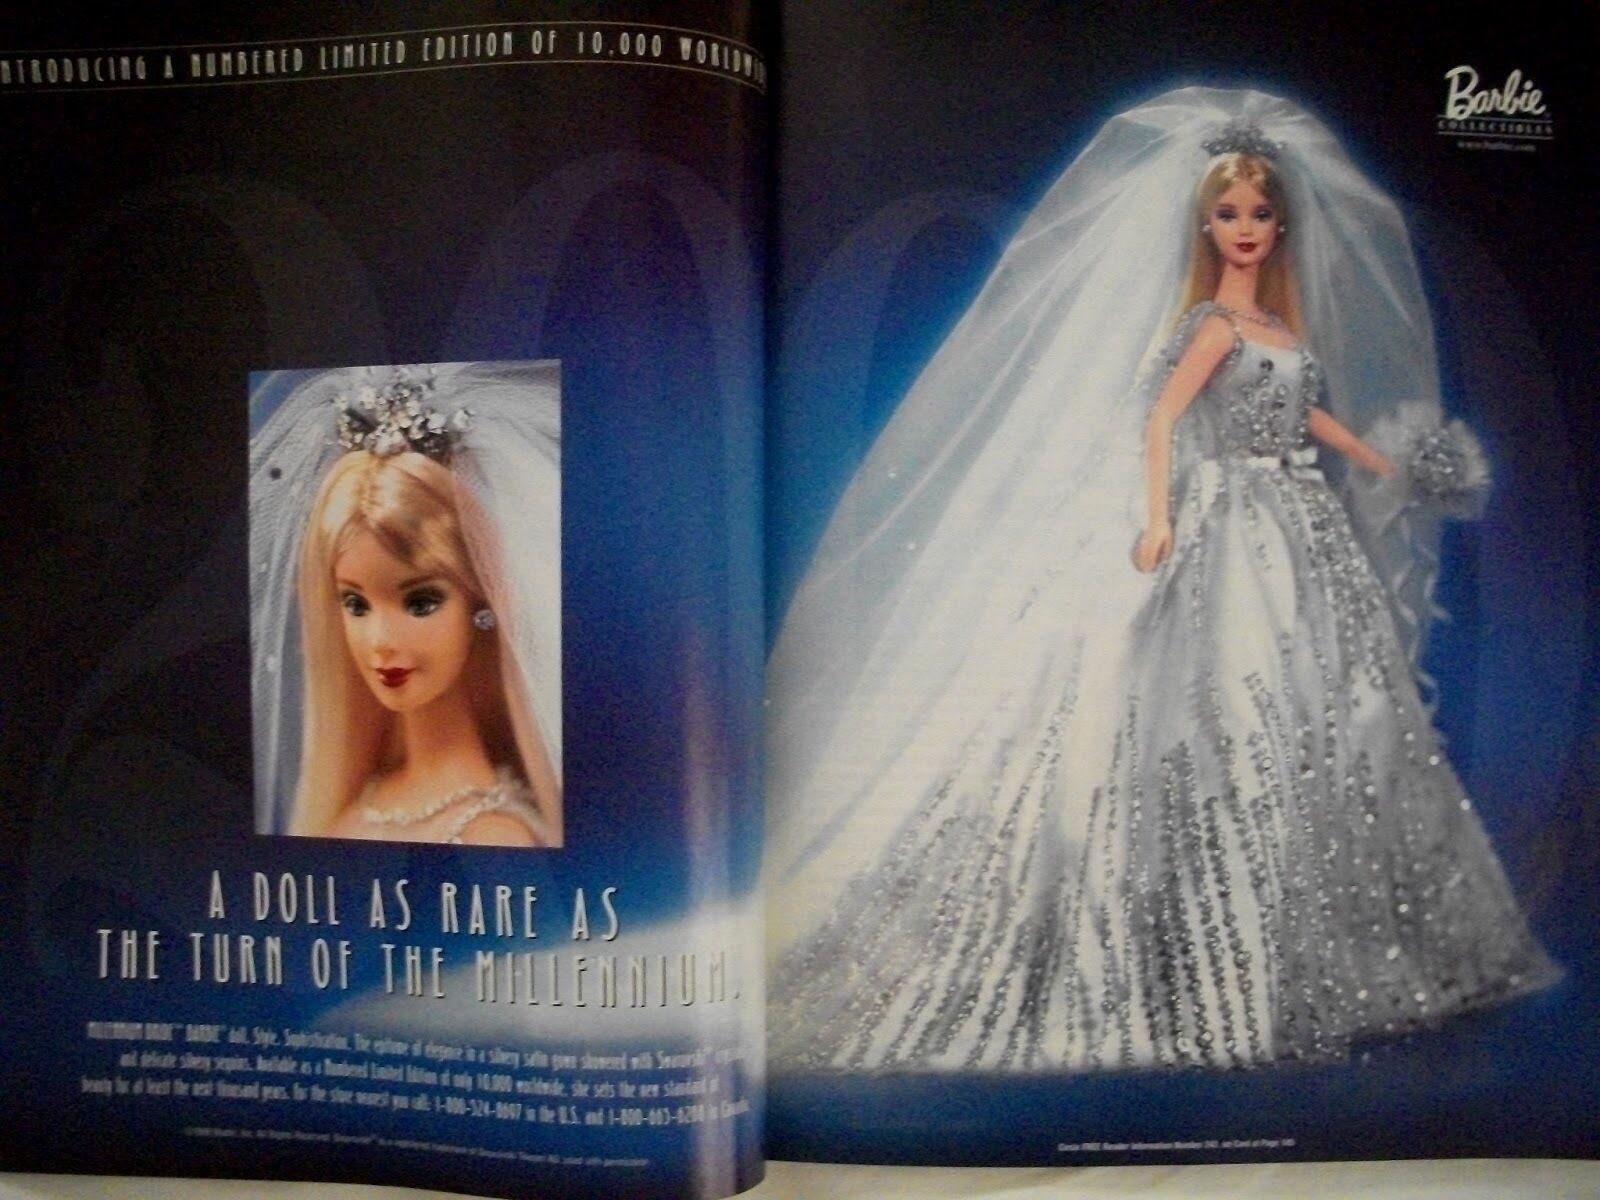 Sammler Collector Barbie Barbie Barbie  Millennium Bride 2000 Limited Edition  NRFB  | Wir haben von unseren Kunden Lob erhalten.  06bbcd